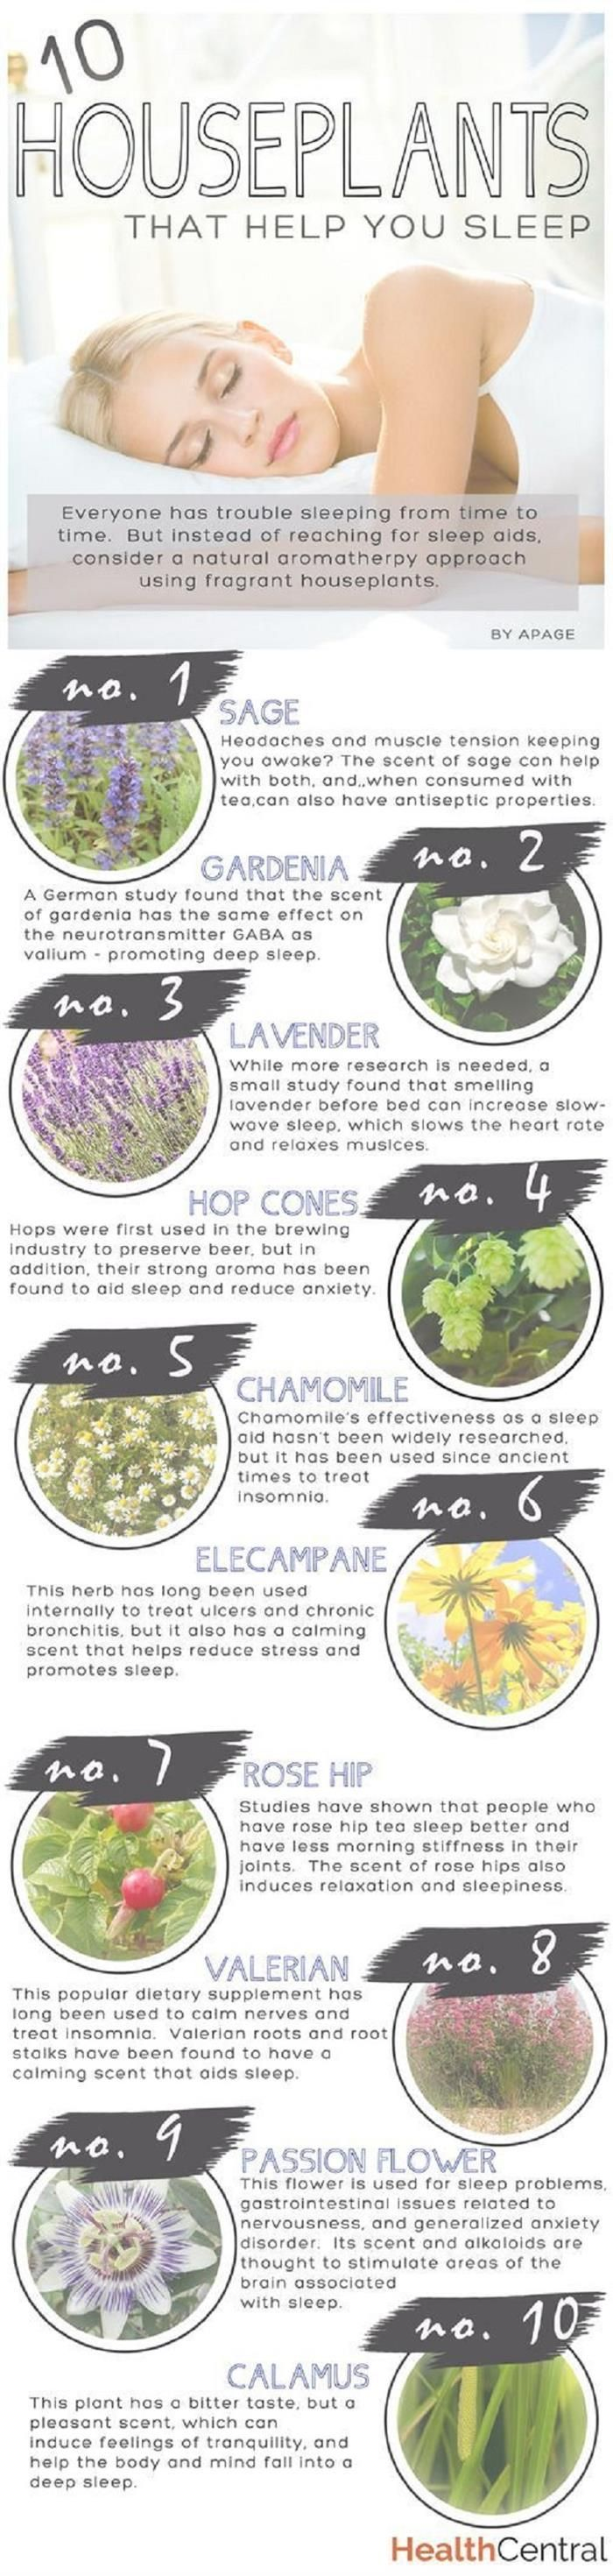 10 houseplants that help you sleep.